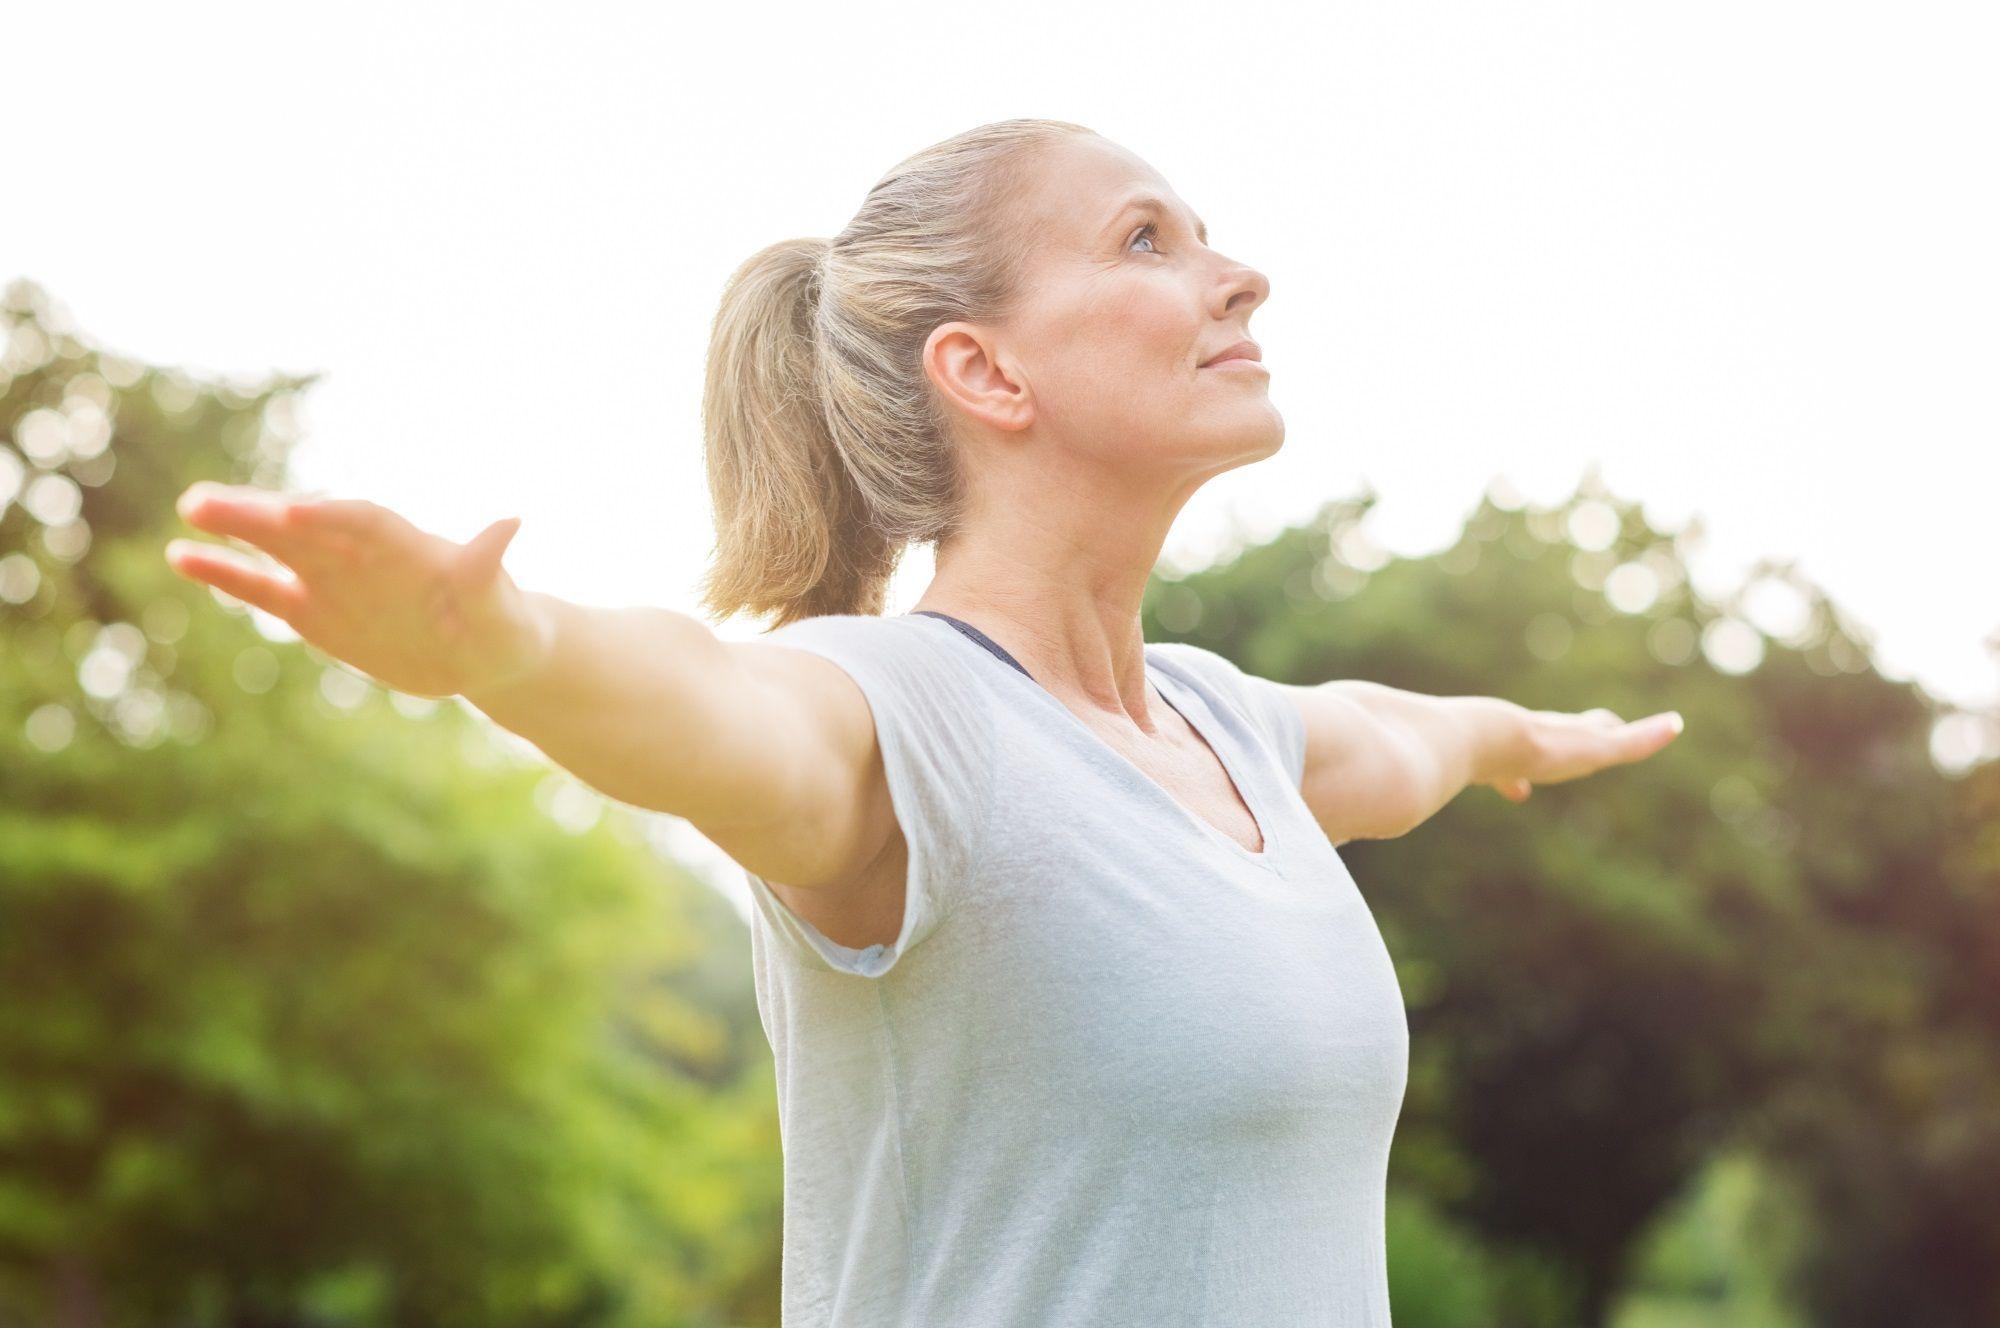 Tops 5 des régimes alimentaires pour la santé et la perte de poids, selon des experts